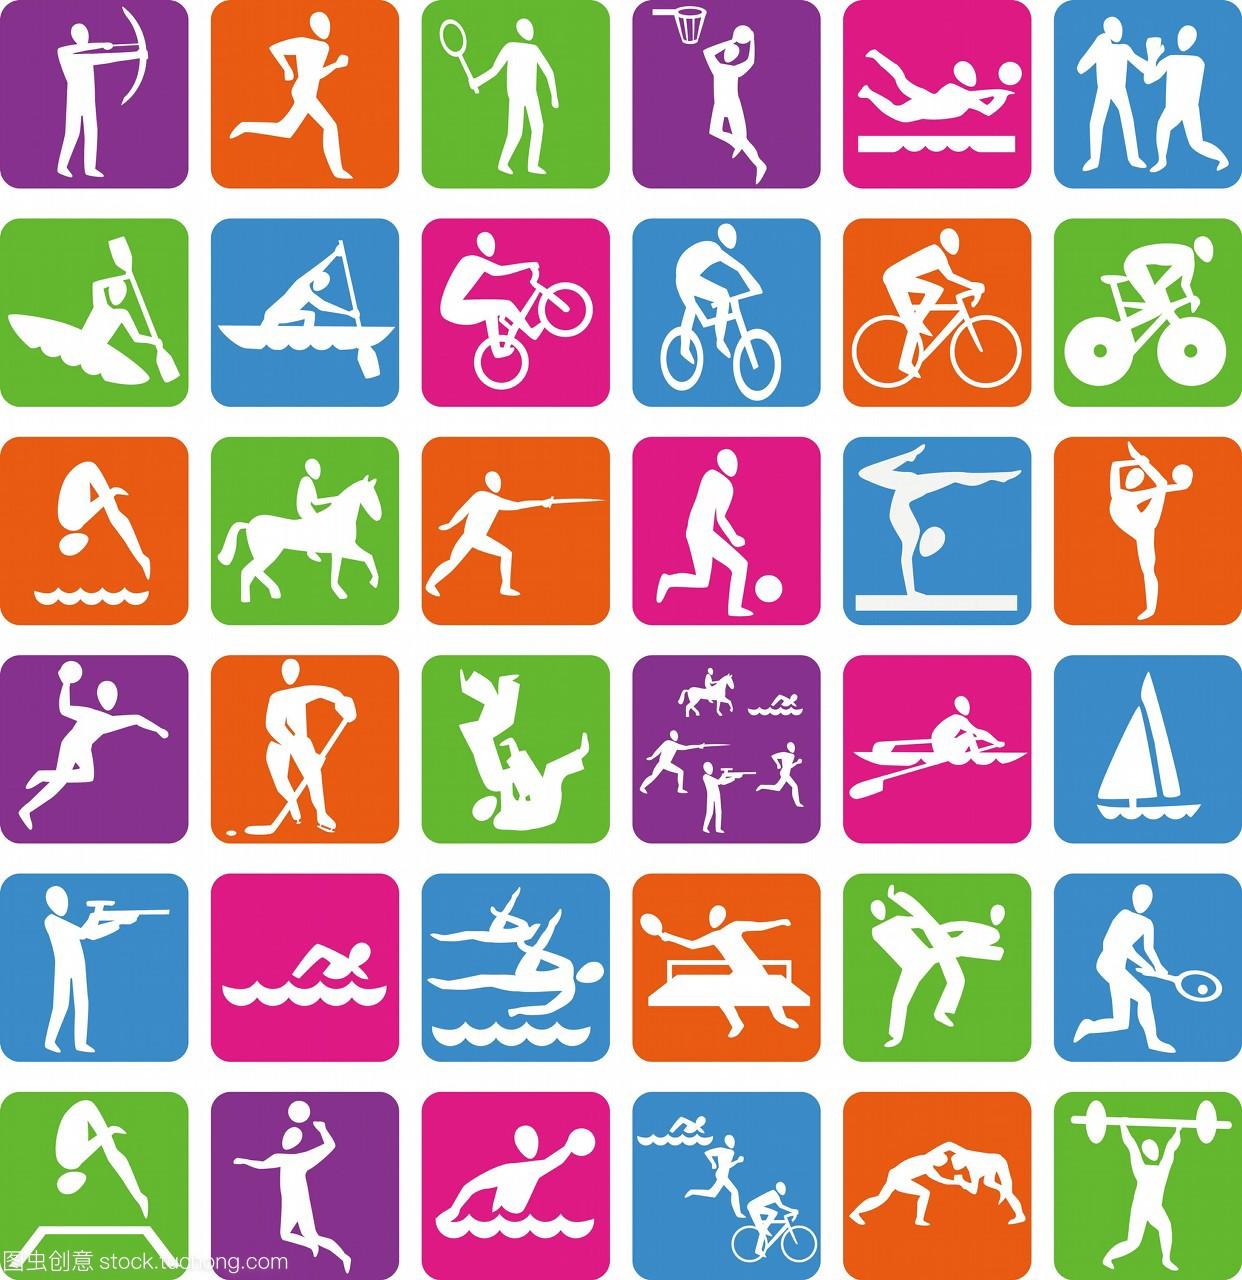 球,网球,球体,骑脚踏车,骑自行车,排球,球,v网球,箭攀岩绳穿在安全带圈里图片